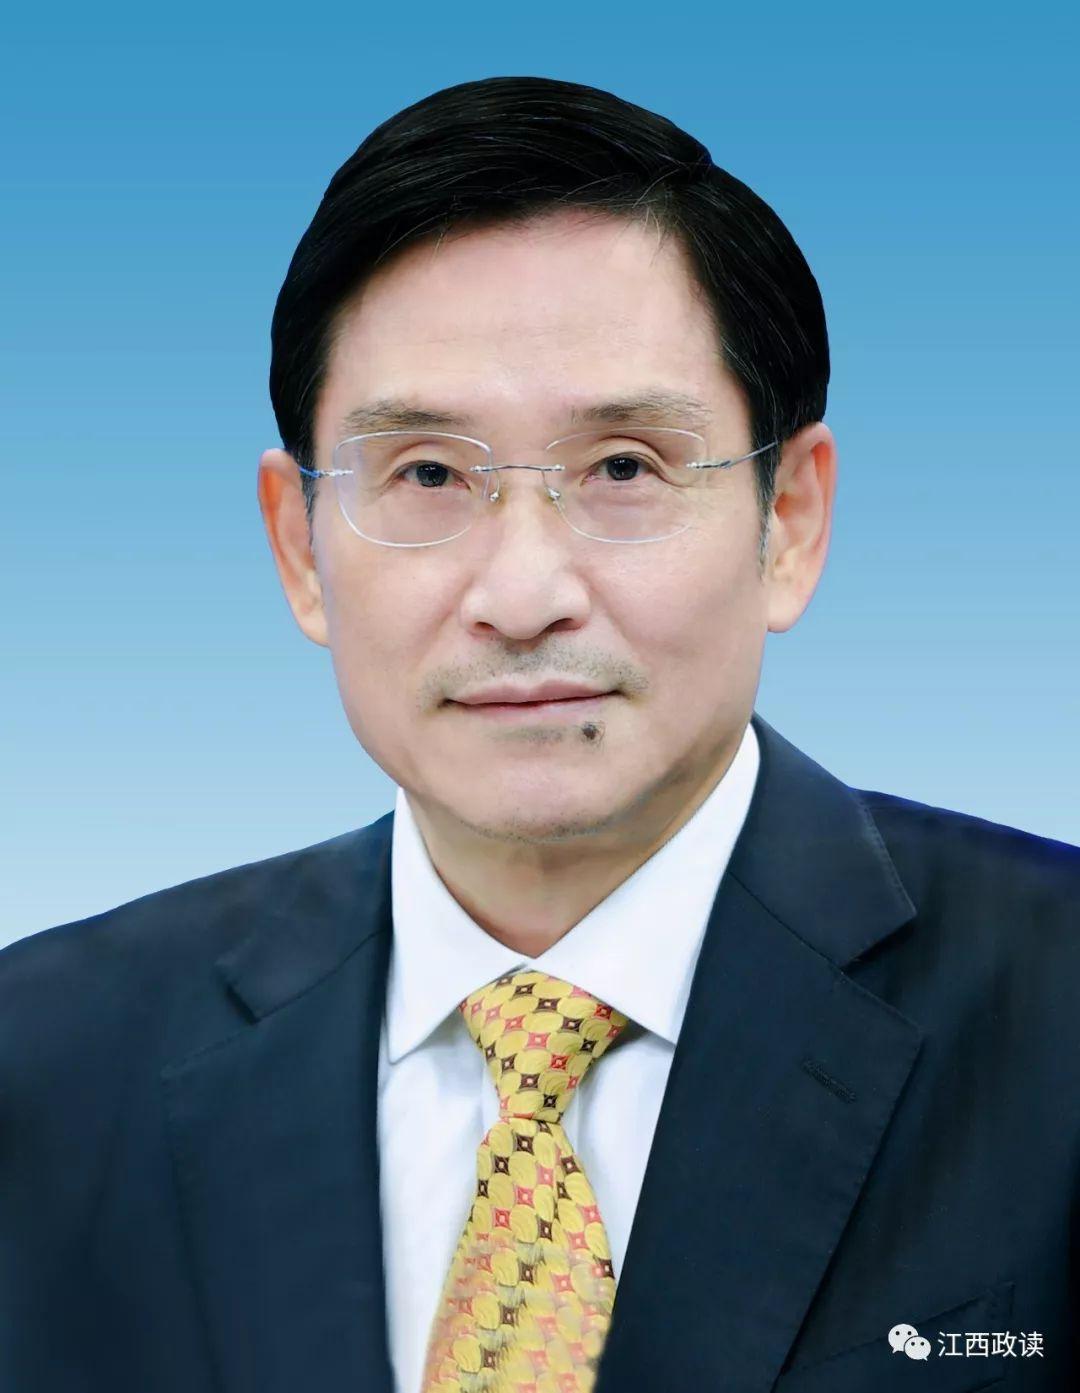 快讯!陈小平任江西省副省长